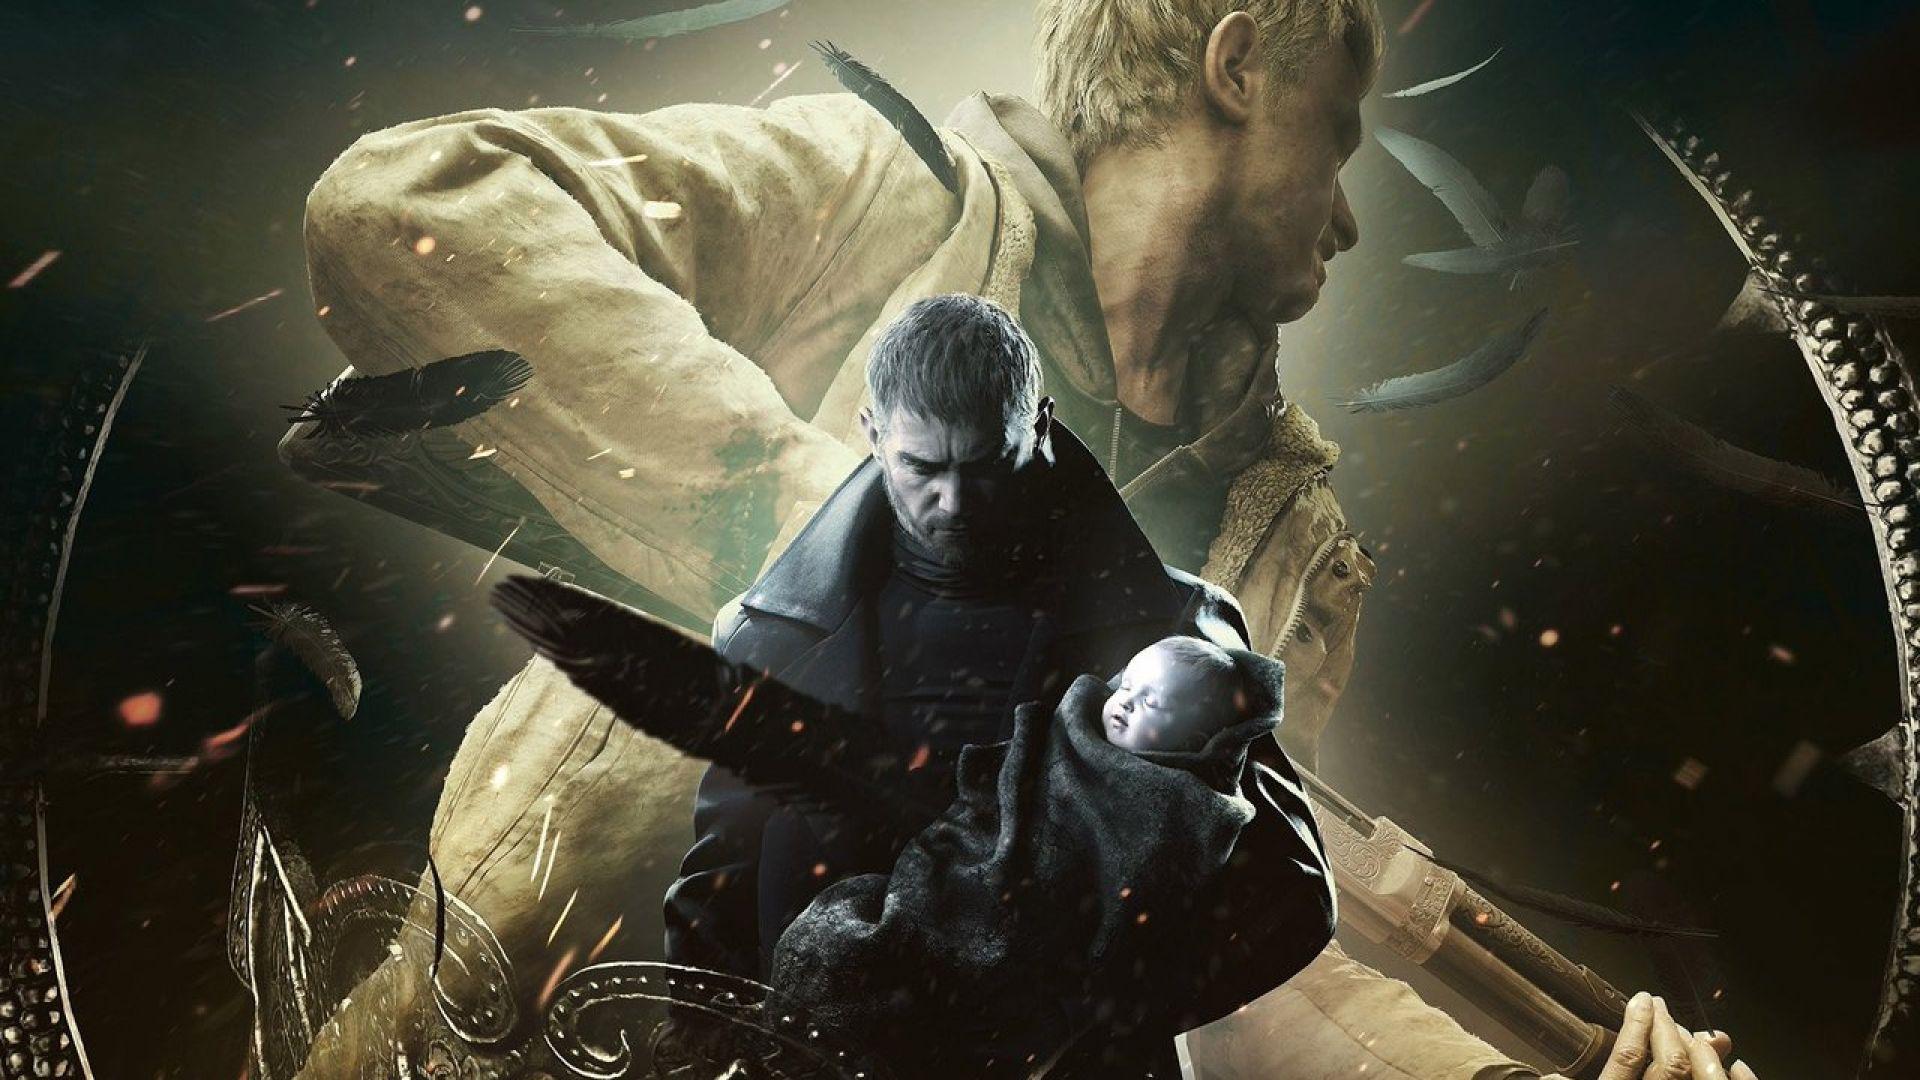 تریلر داستانی جدید بازی Resident Evil Village منتشر شد